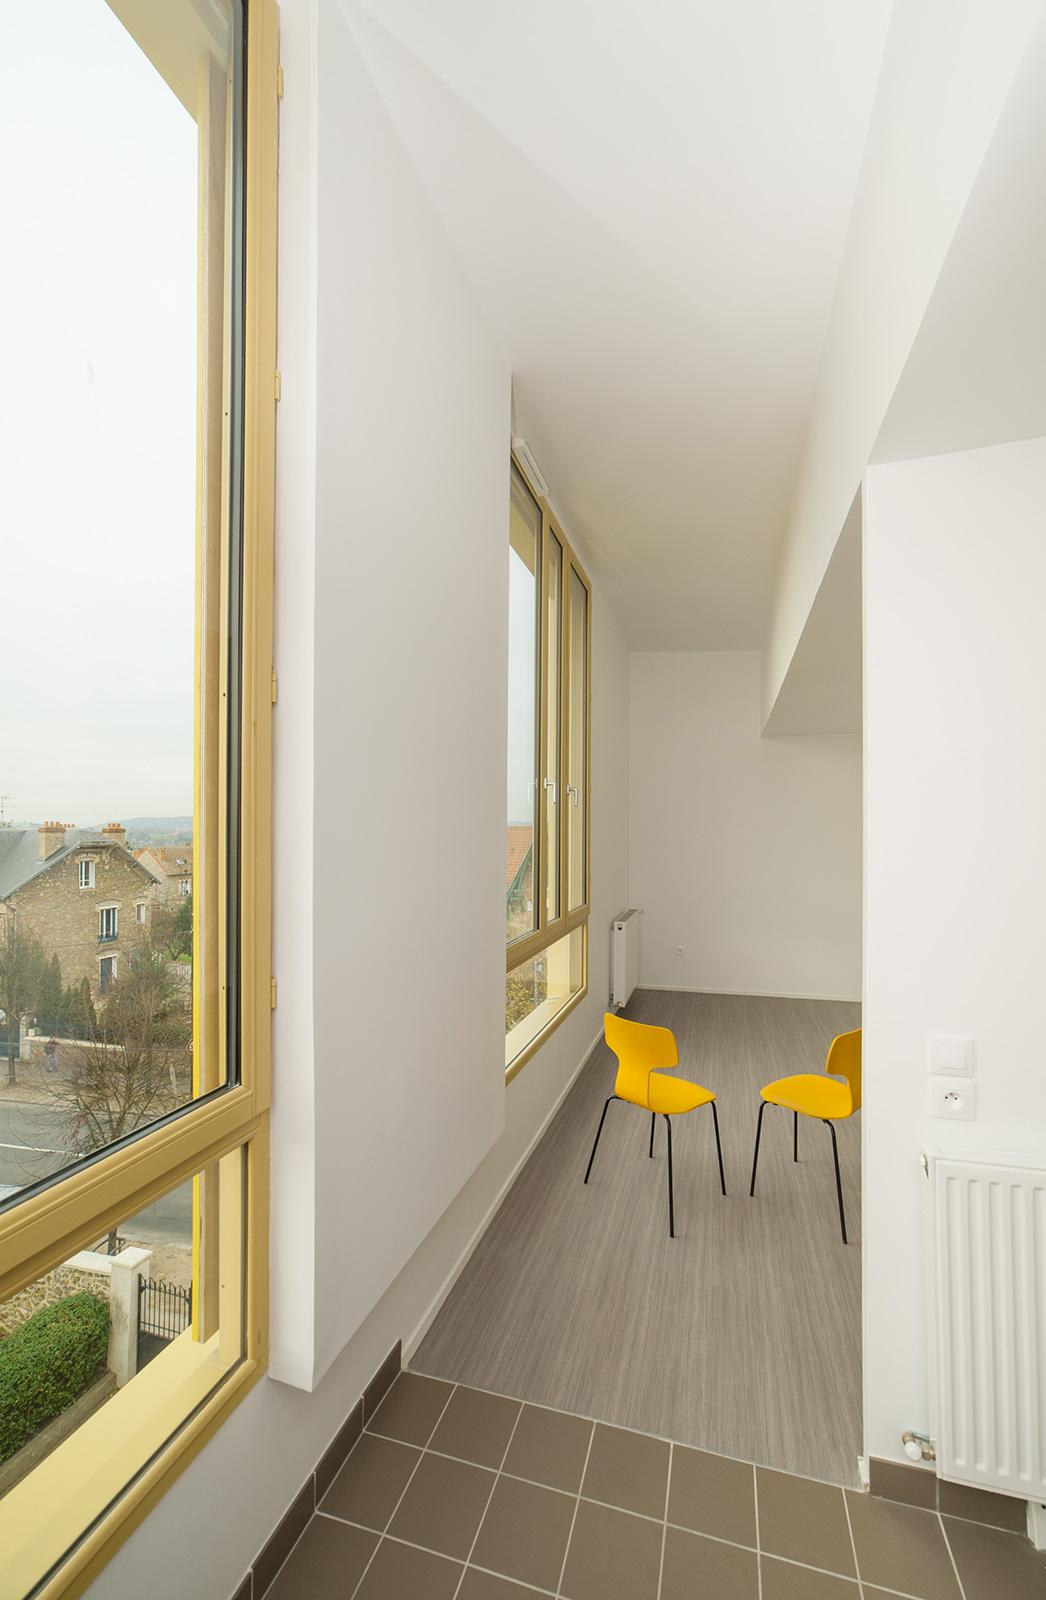 saint michel sur orge 59 logements sociaux germe jam. Black Bedroom Furniture Sets. Home Design Ideas